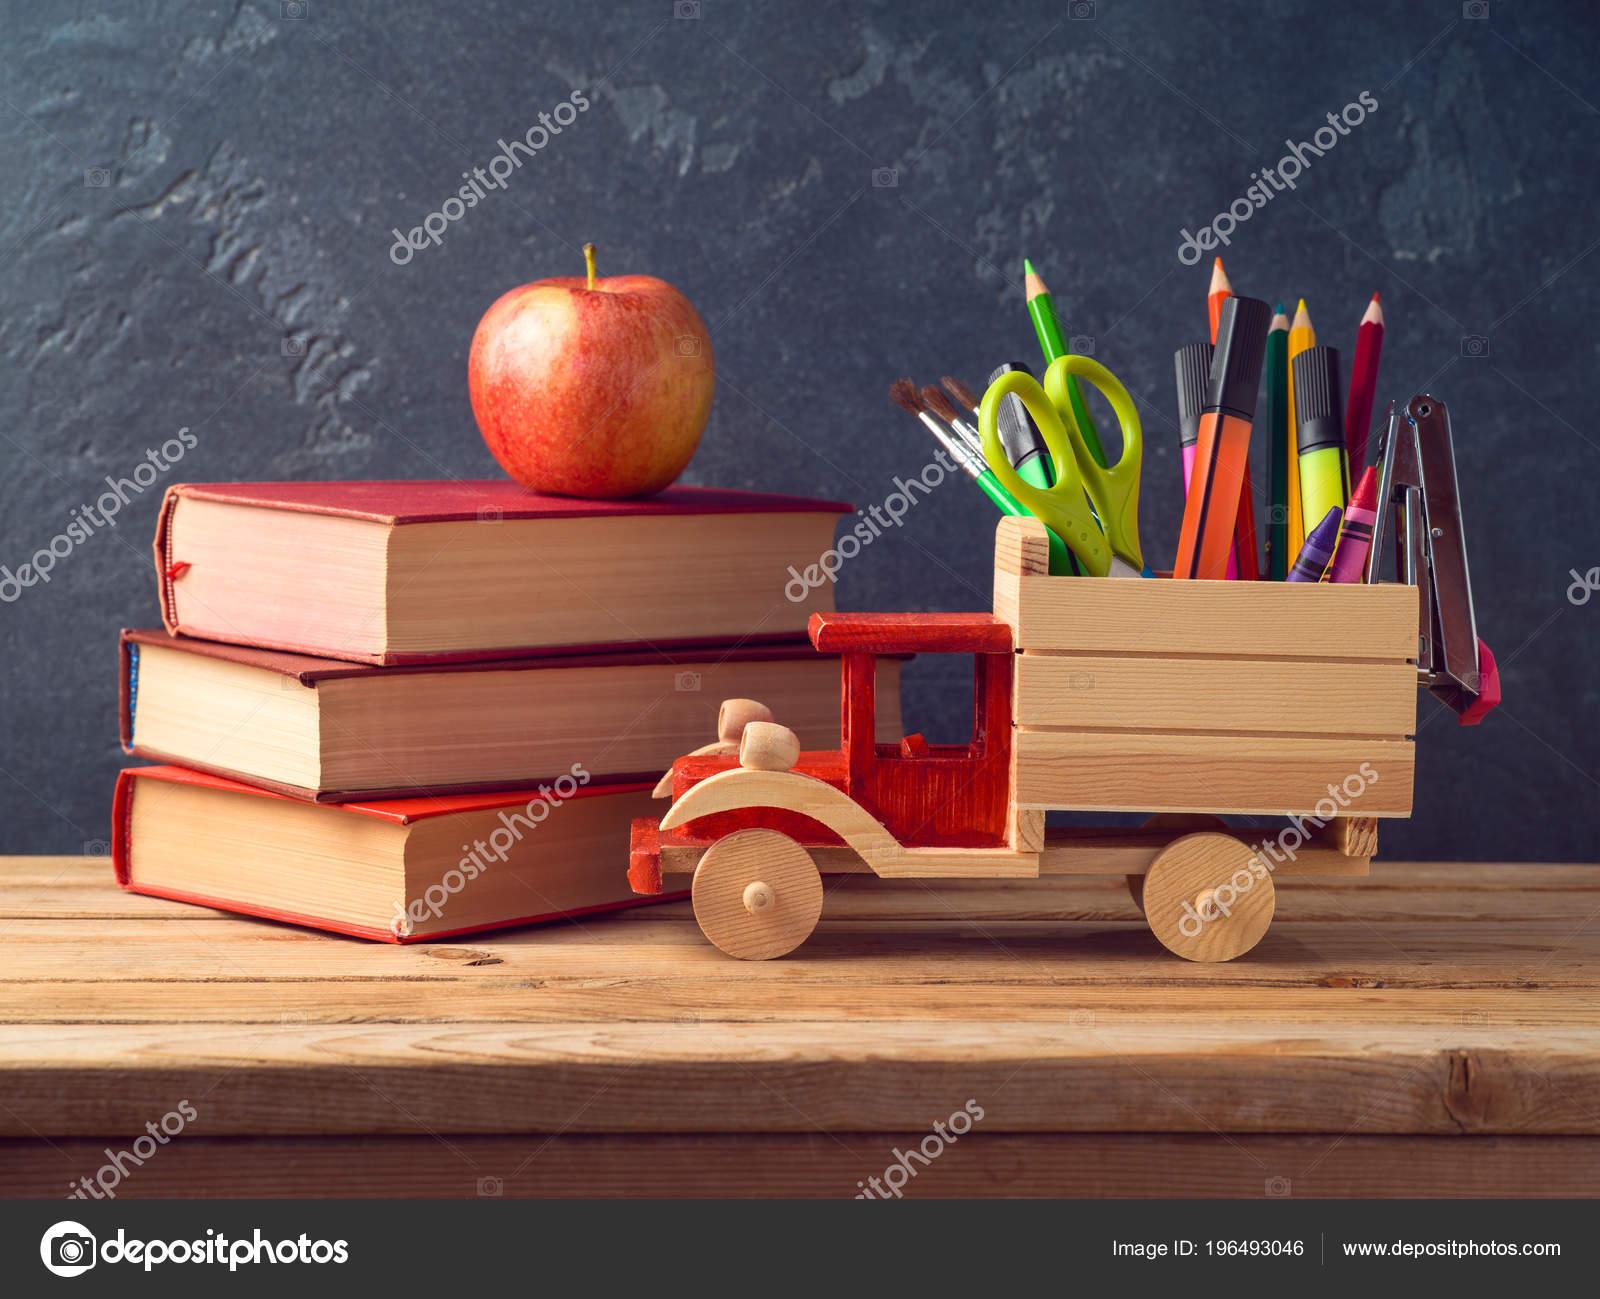 Imagenes Utiles Escolares Antiguos Regresar Concepto Escuela Con